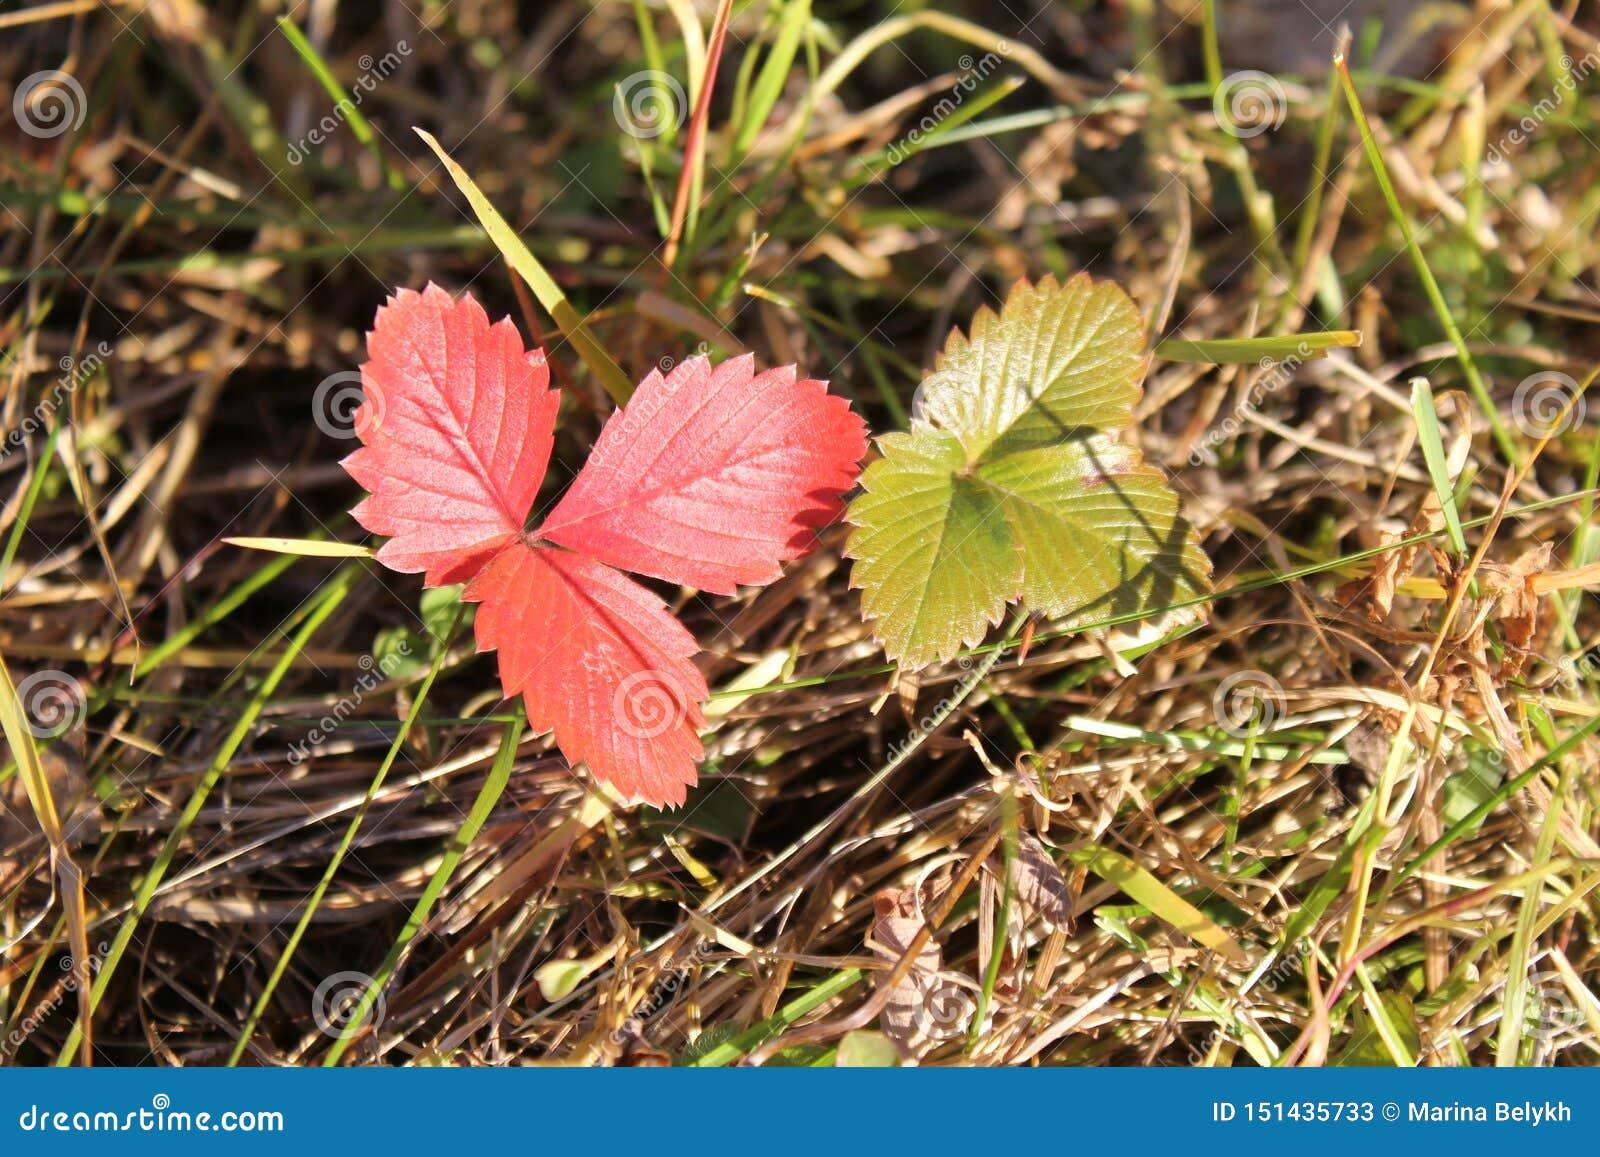 Κόκκινα και πράσινα φύλλα των άγριων φραουλών στη χλόη φθινοπώρου